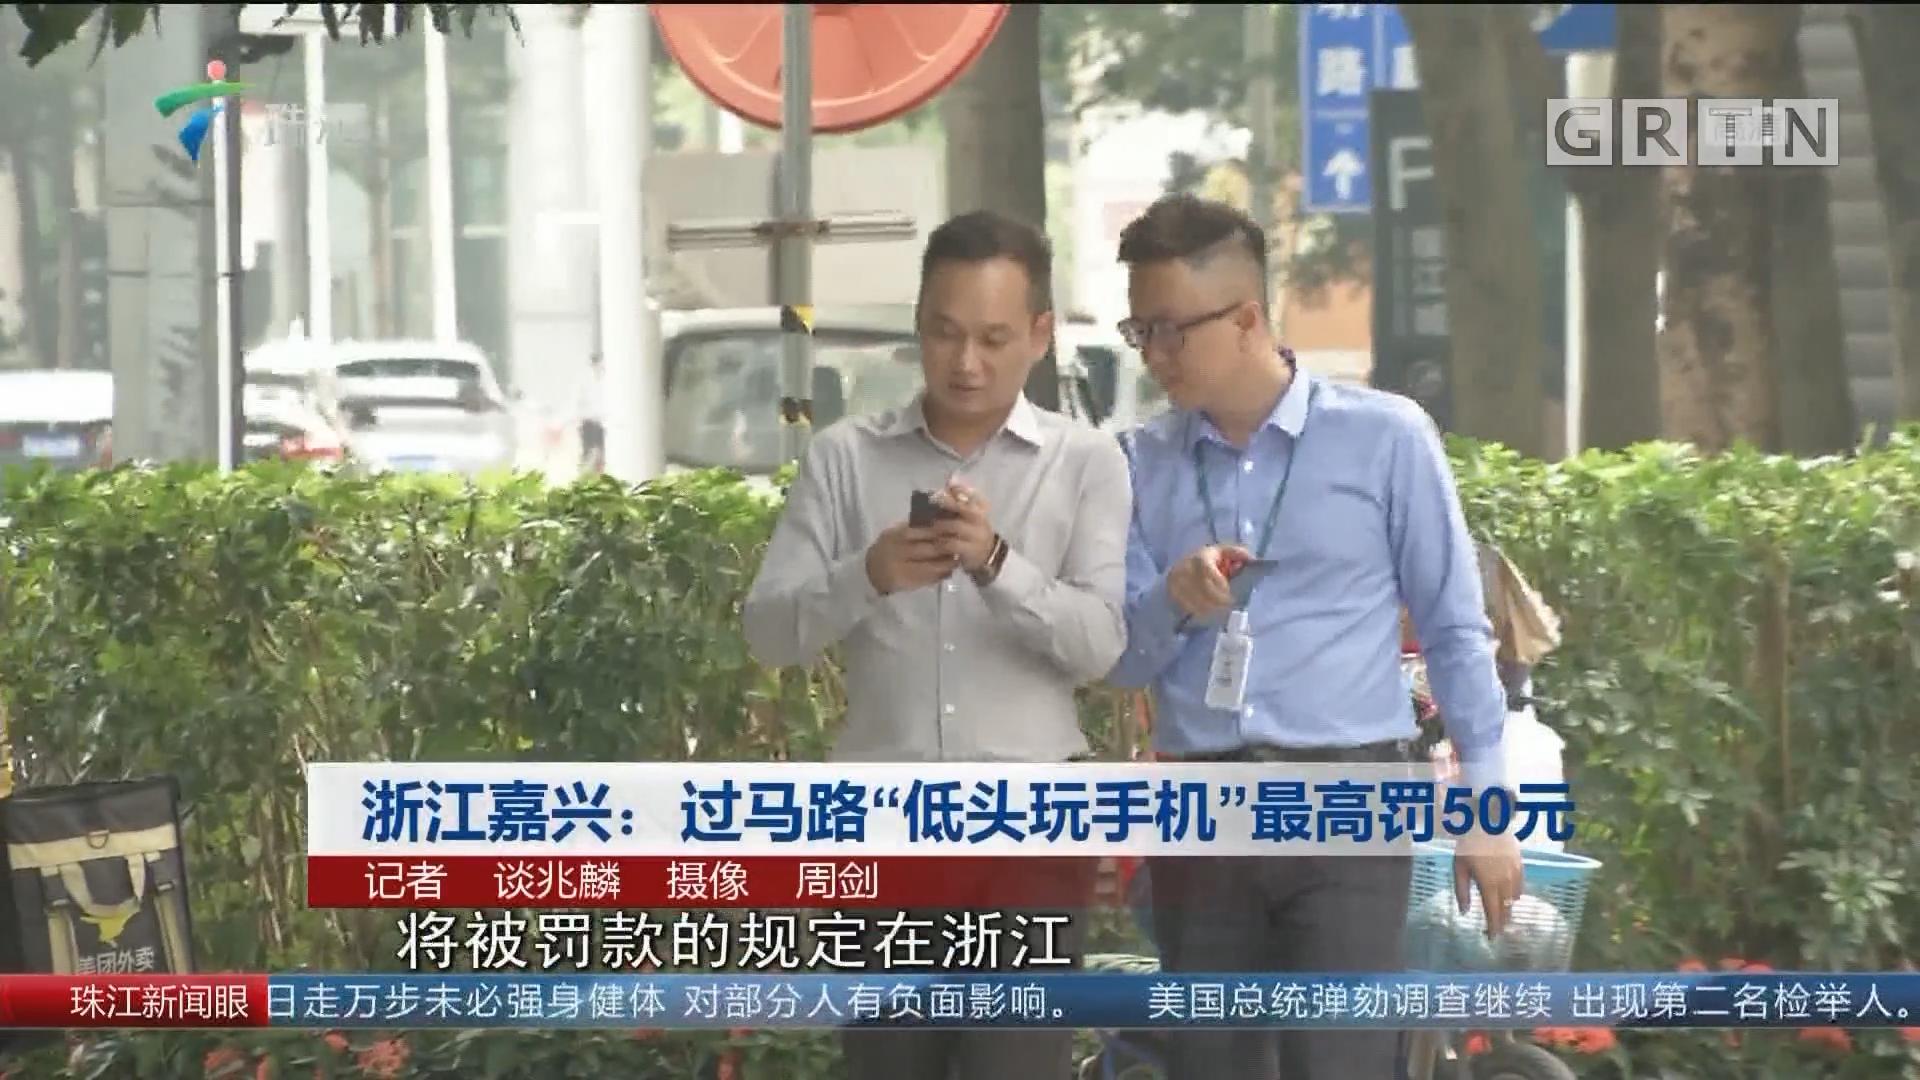 """浙江嘉兴:过马路""""低头玩手机""""最高罚50元"""